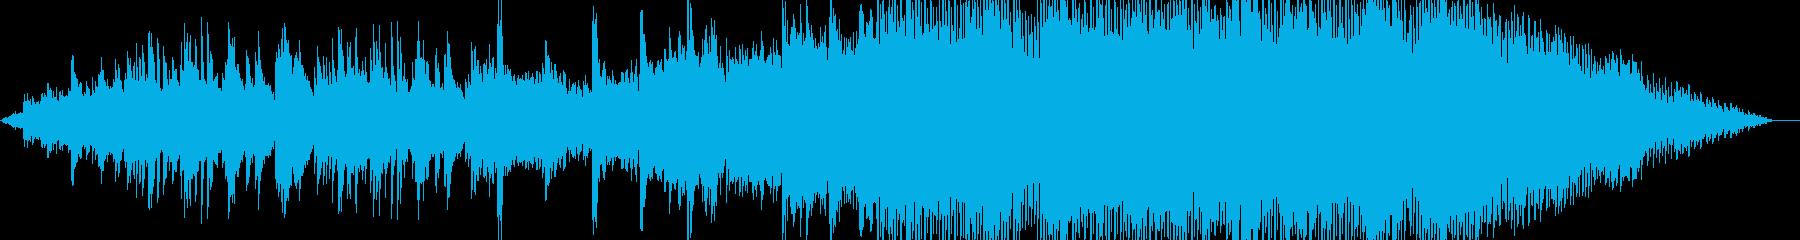 ピアノの切ない旋律が印象的なピアノハウスの再生済みの波形